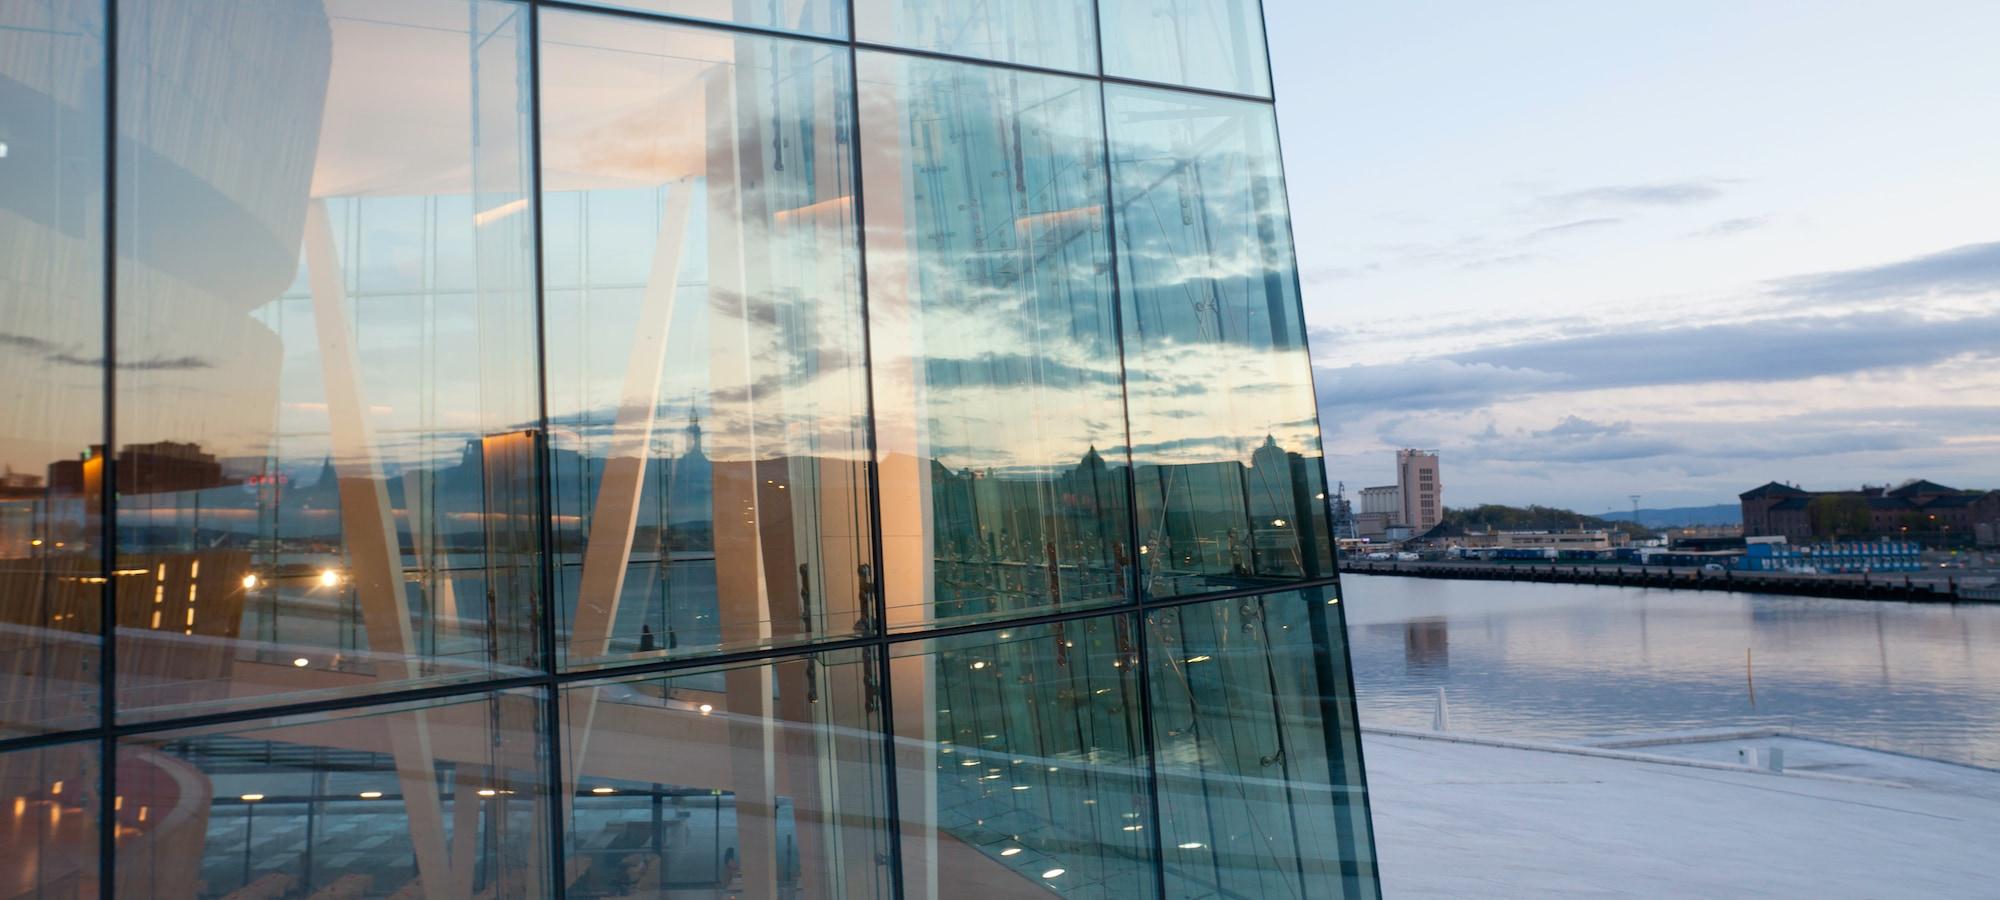 Den norske opera nærbilde av glassfasade